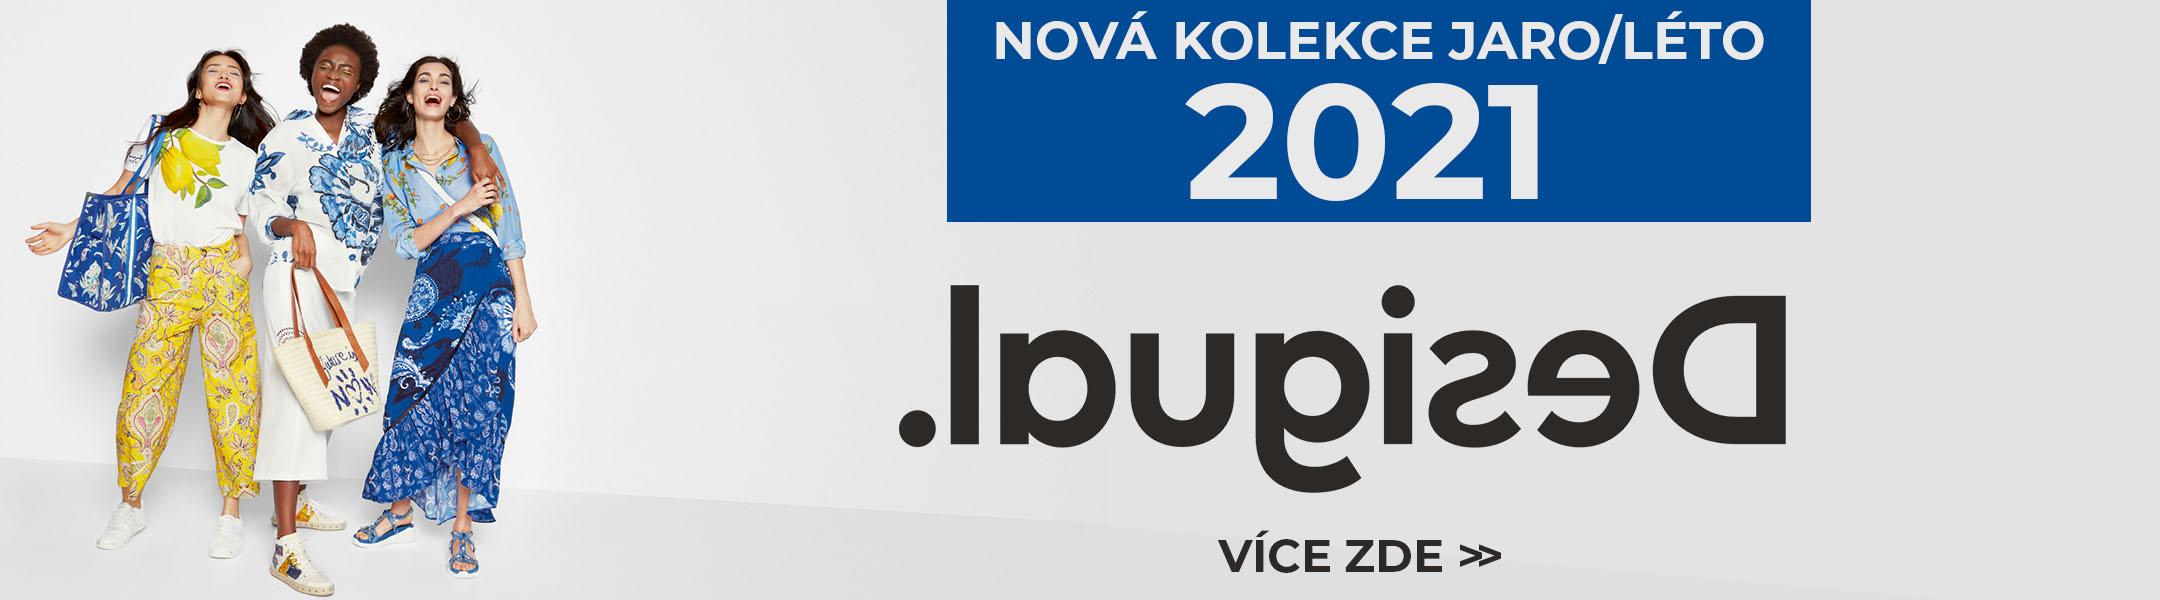 DESIGUAL NOVÁ KOLEKCE 2021